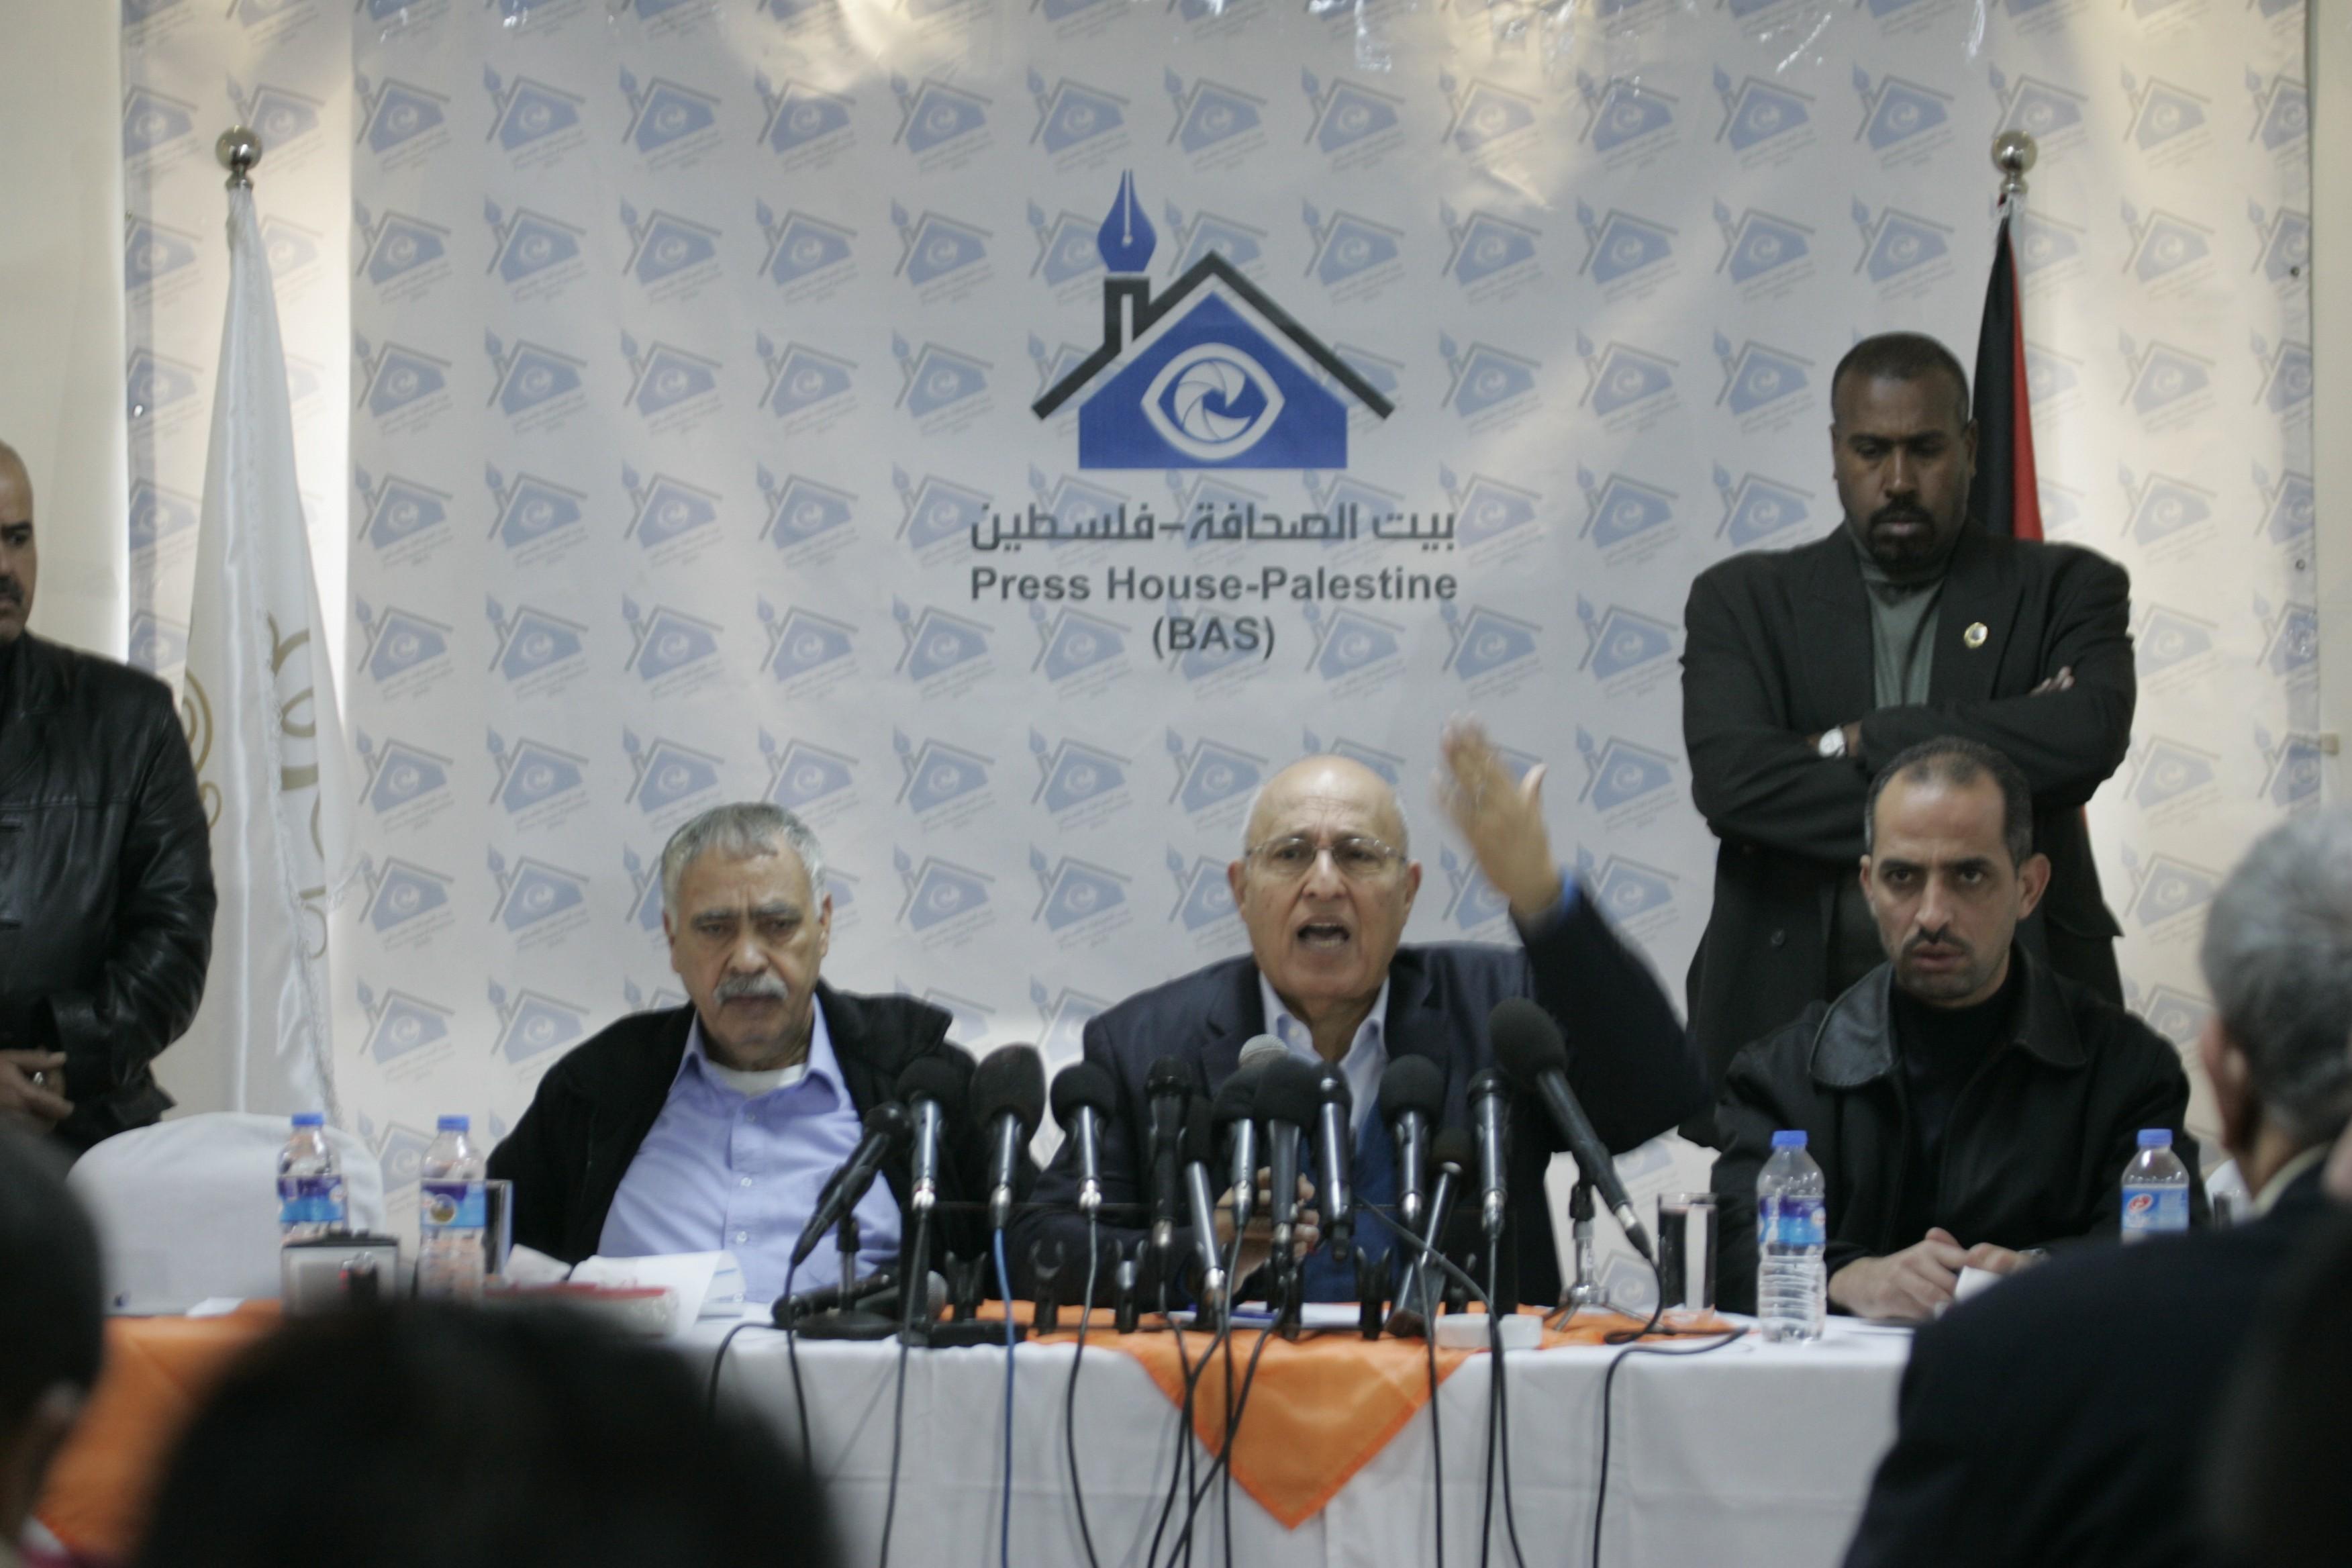 شعث يؤكد قدوم الأحمد لغزة قريبا لوضع اللمسات النهائية لتنفيذ المصالحة